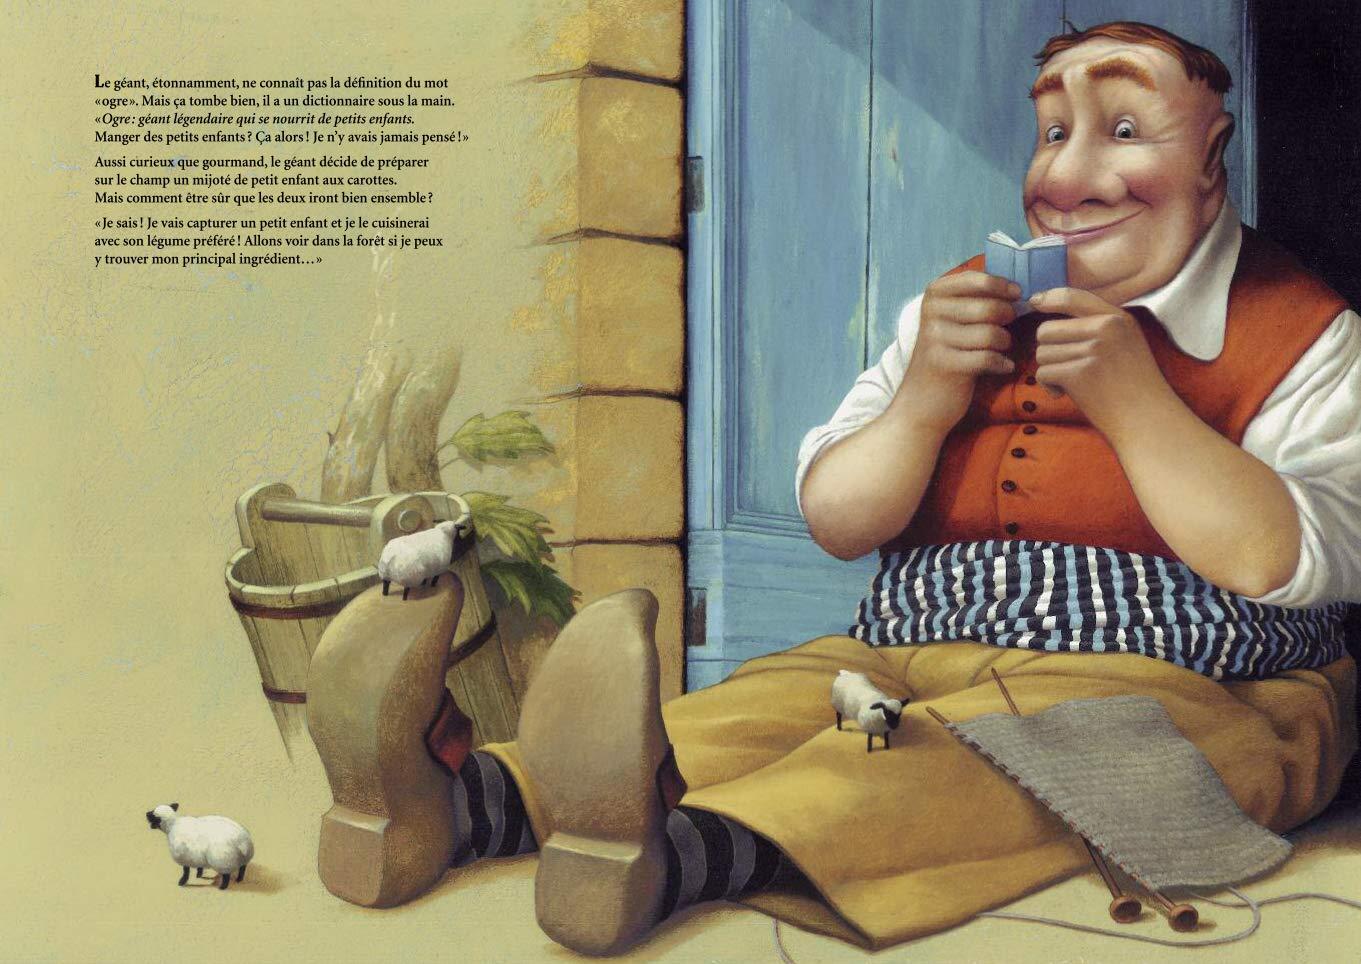 Le Géant, la fillette et le dictionnaire, planche de l'album © Ecole des Loisirs / Poulin / Leroy